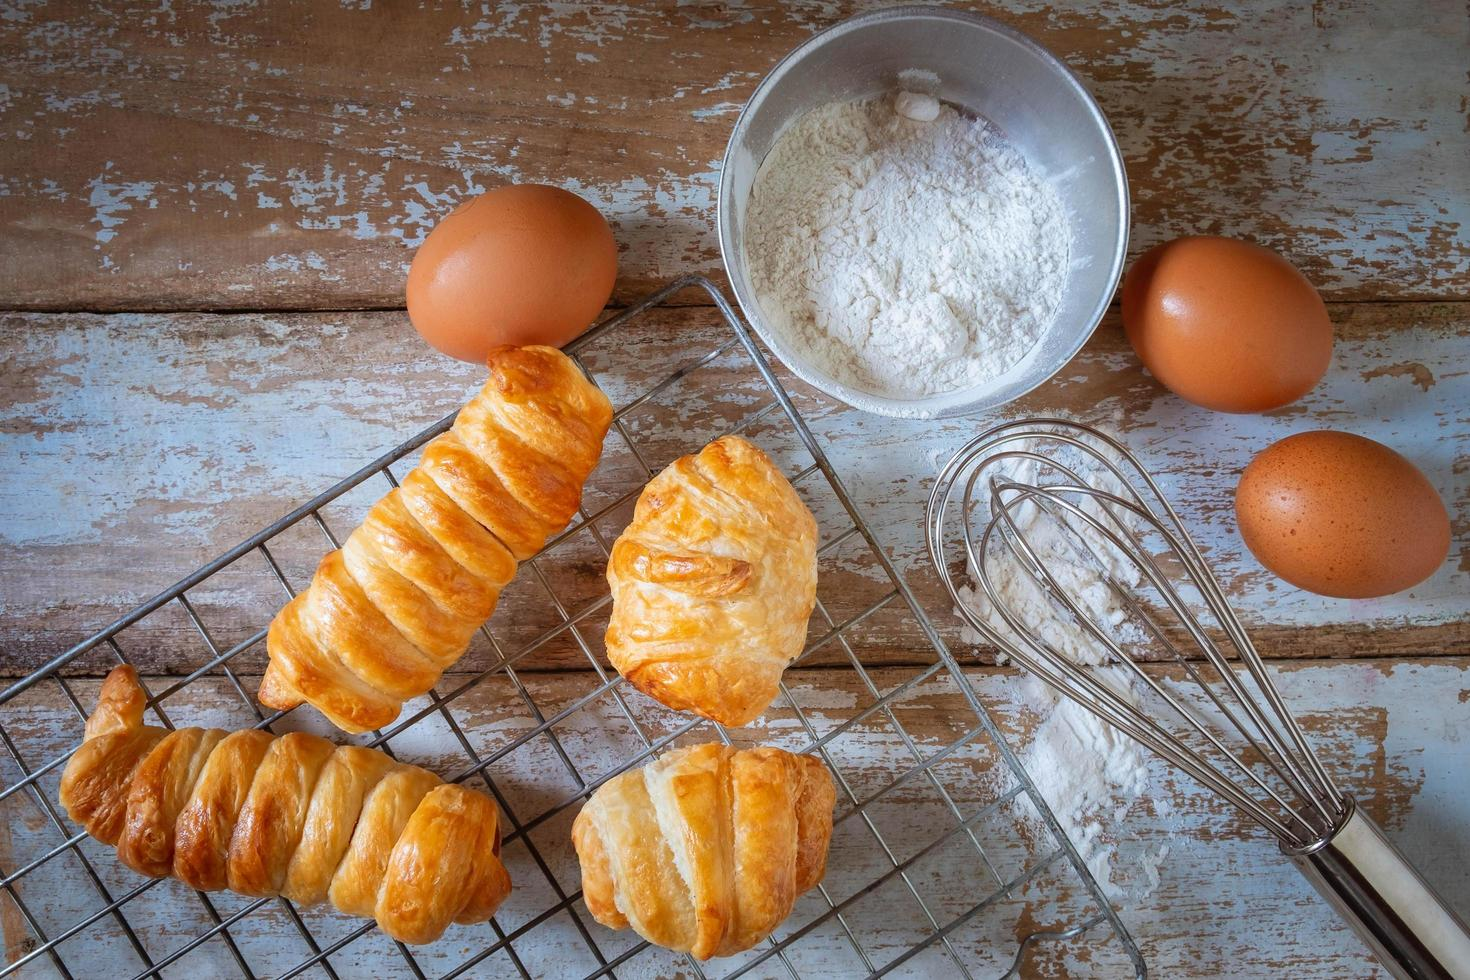 frisches Brot und Mehl mit Eiern foto